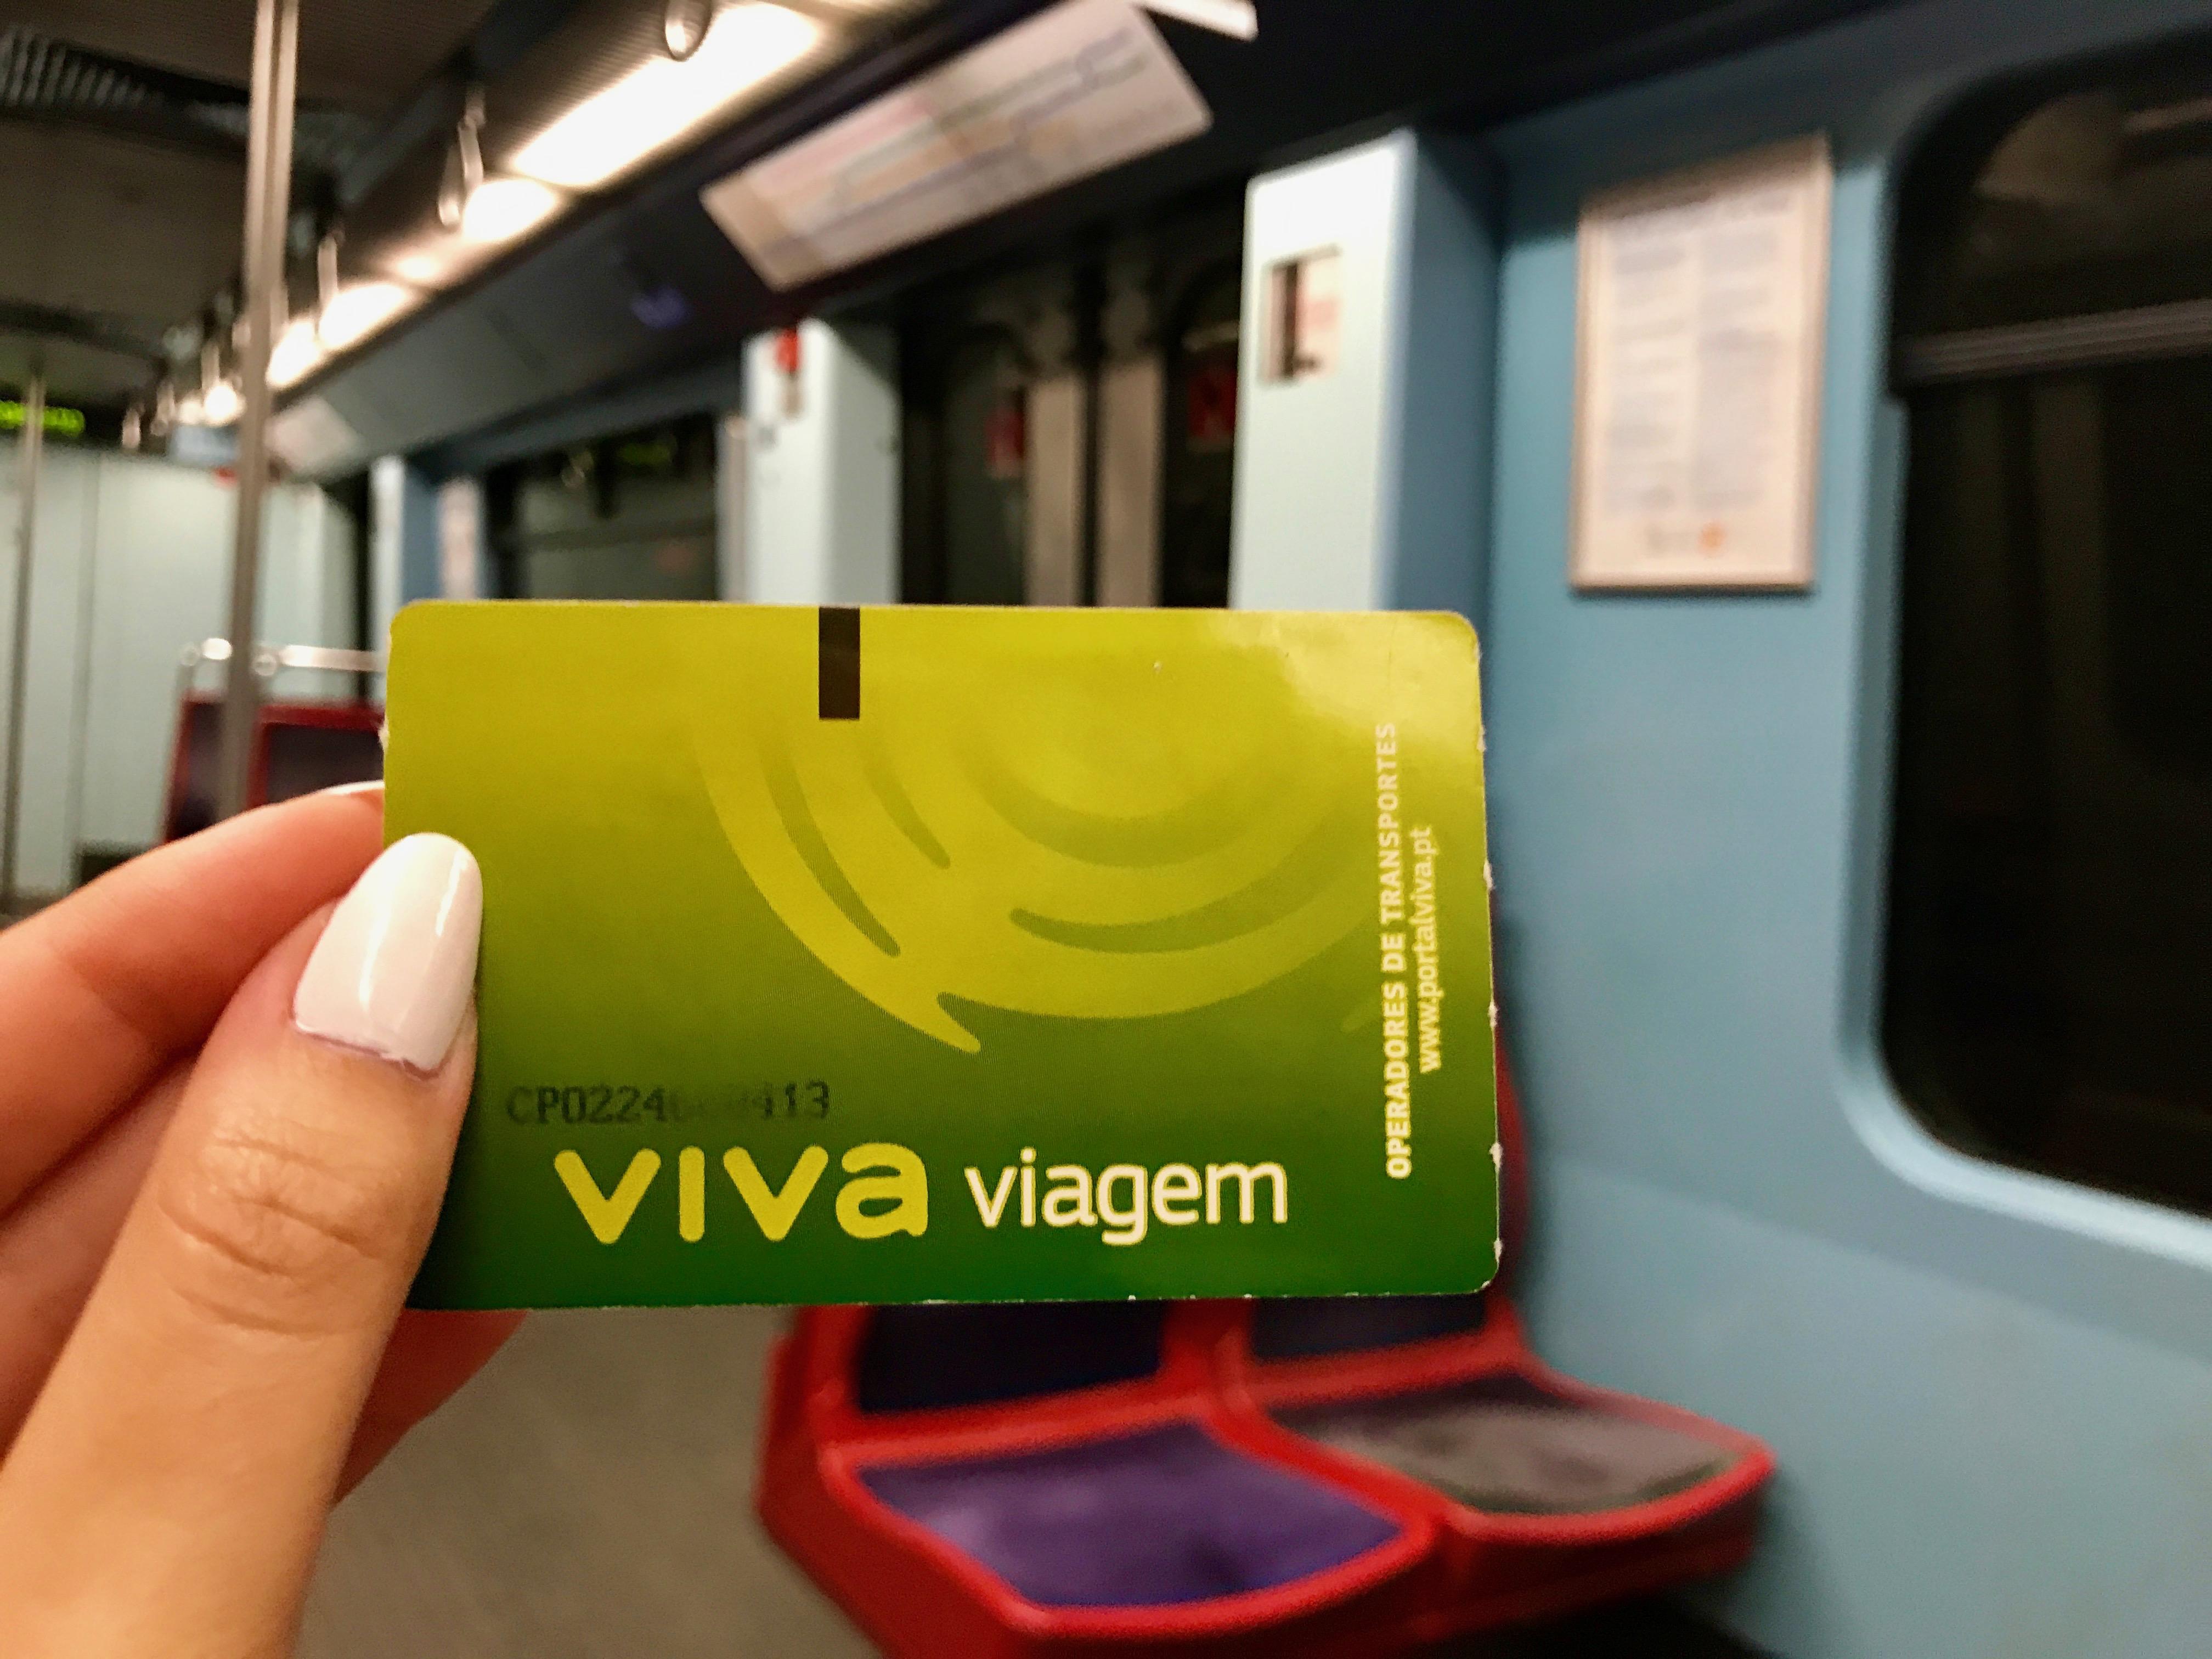 Lissabon : Viva viagem Karte (Bahnkarte)